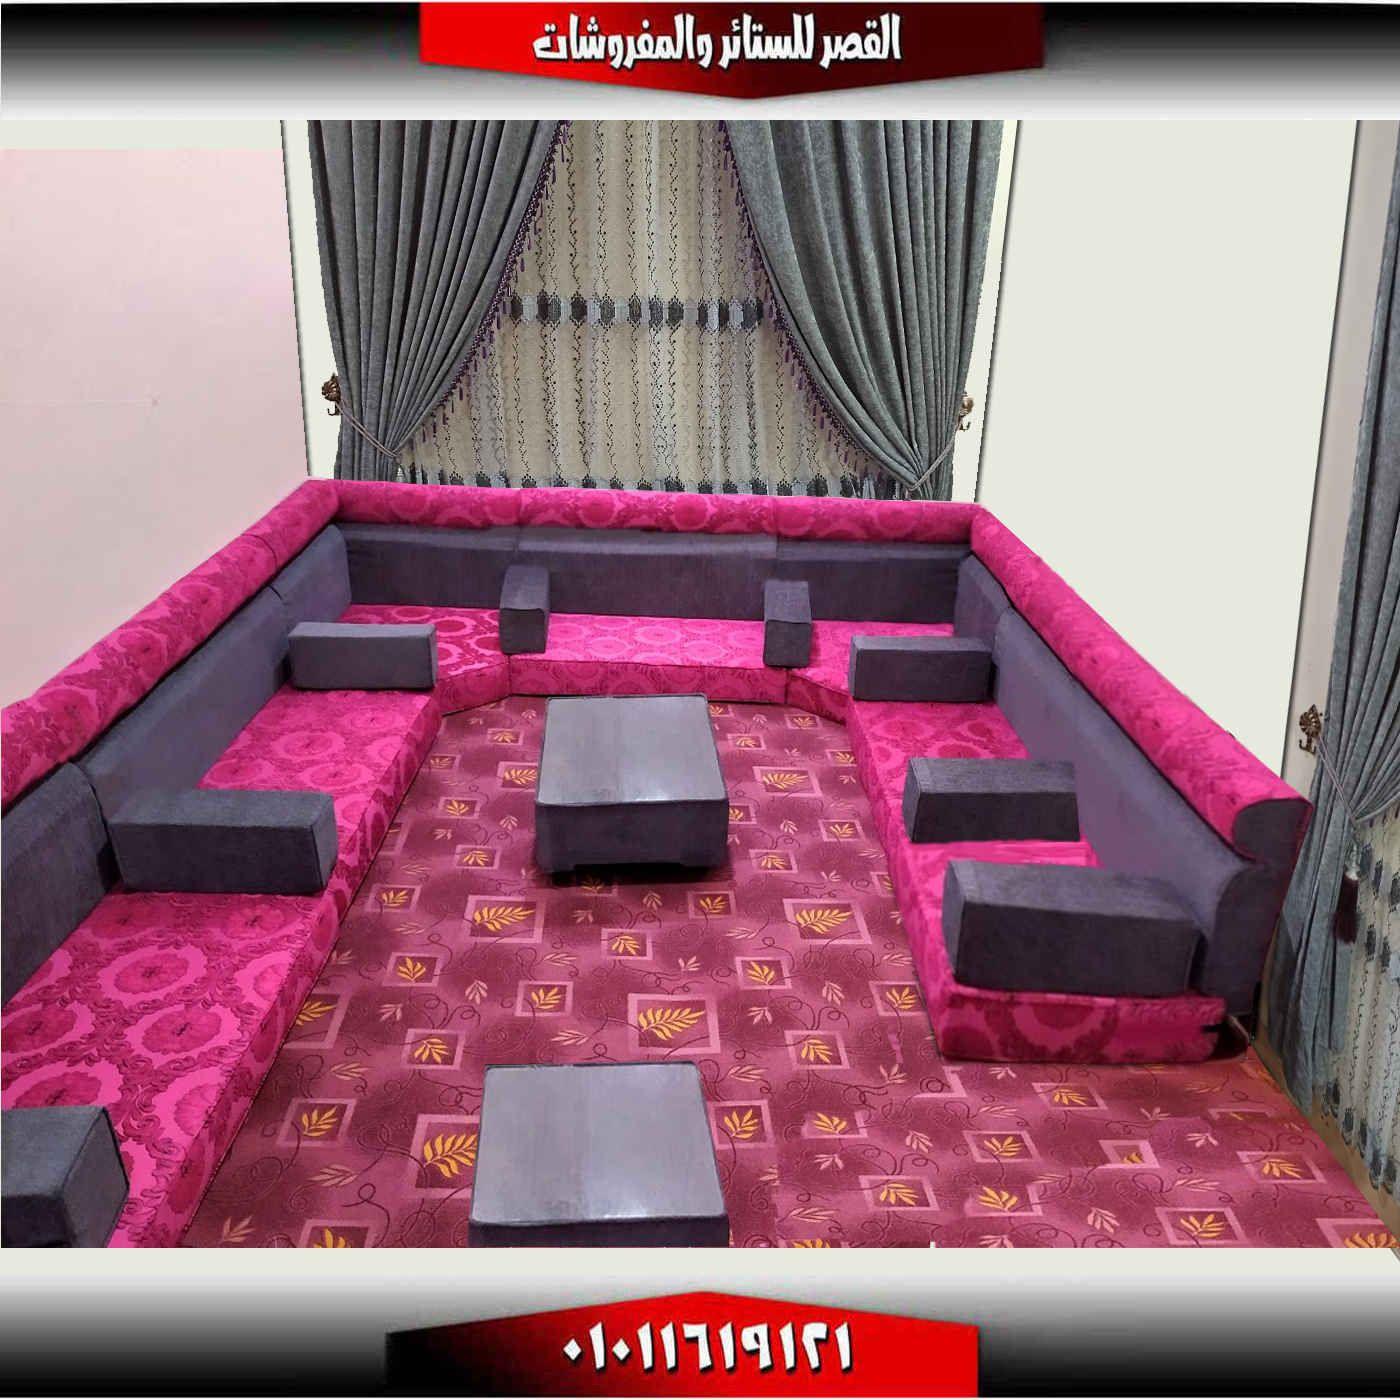 قعدة عربي مجلس عربي بني مشجر في بني سادة Decor Home Decor Home